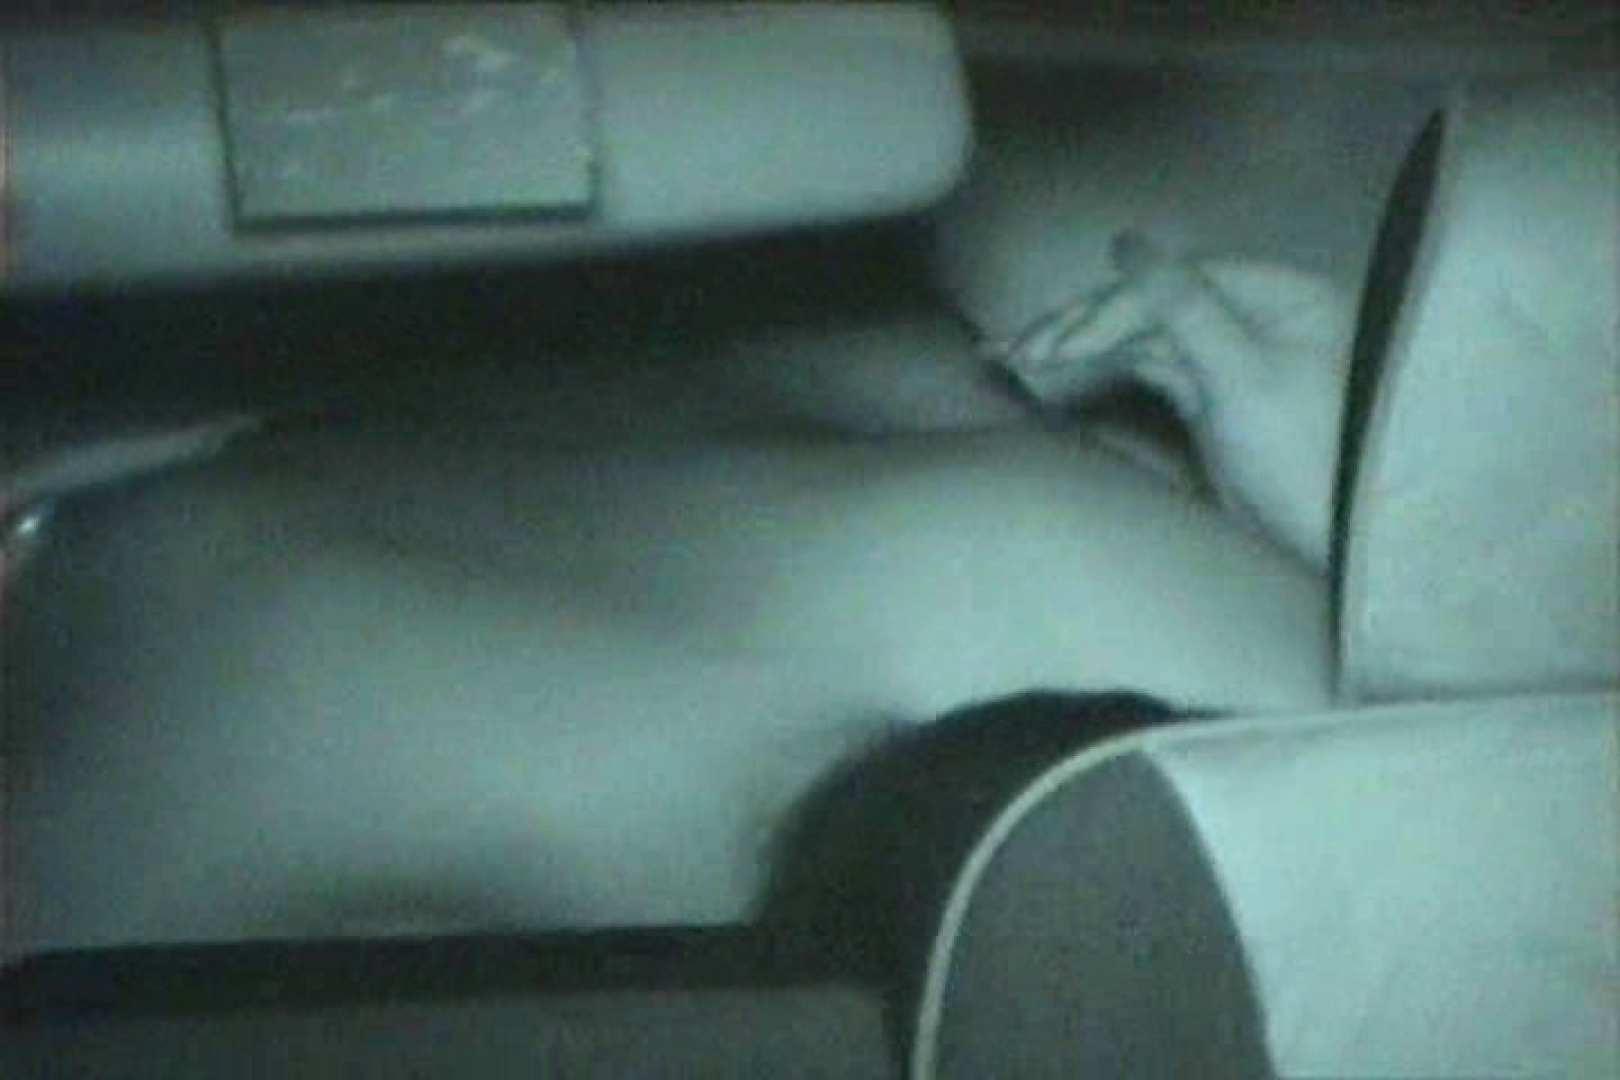 車の中はラブホテル 無修正版  Vol.24 HなOL AV無料 78pic 52